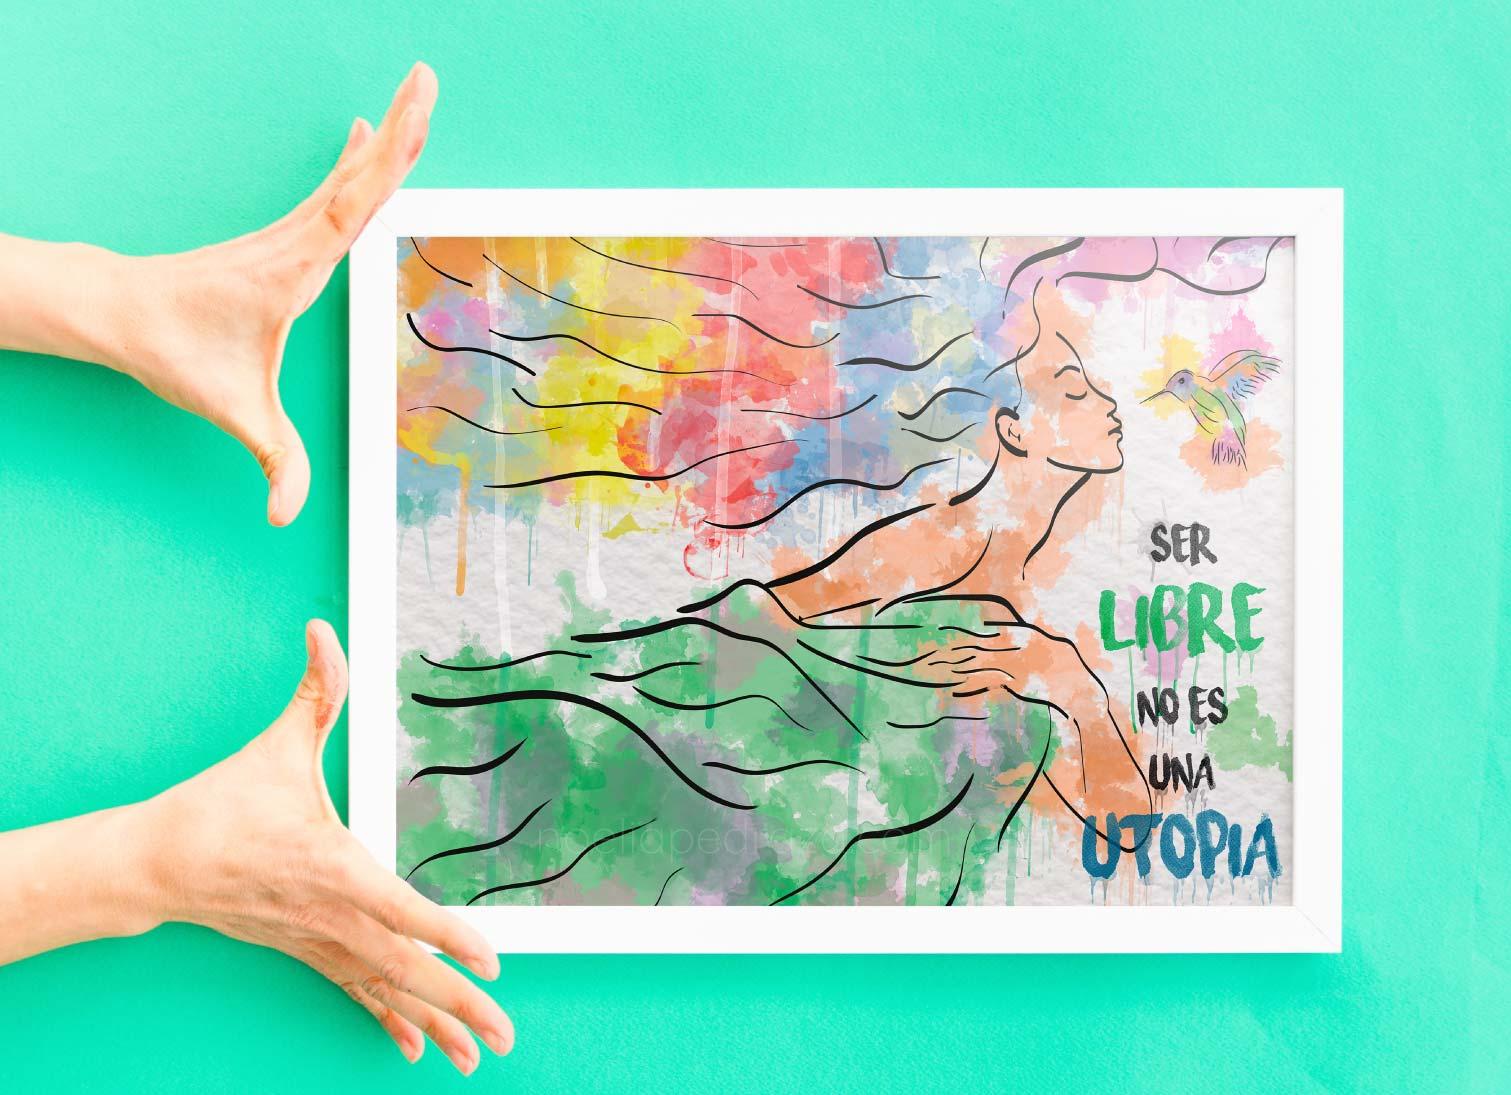 diseño de campaña publicitario dia de la mujer